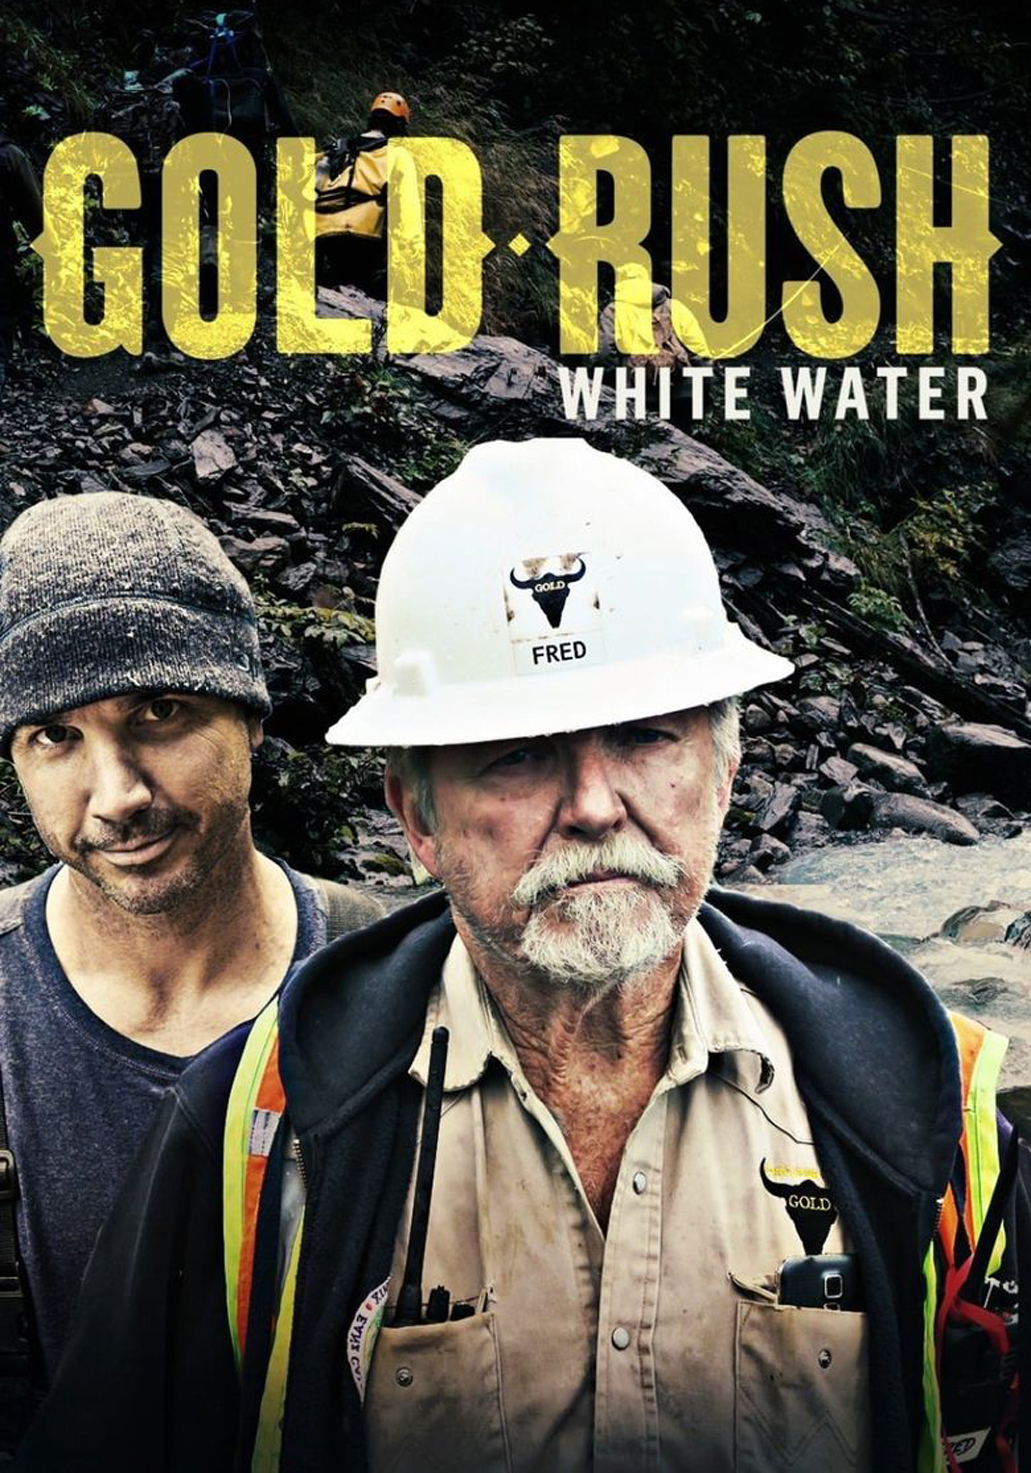 Goldrausch: White Water Alaska